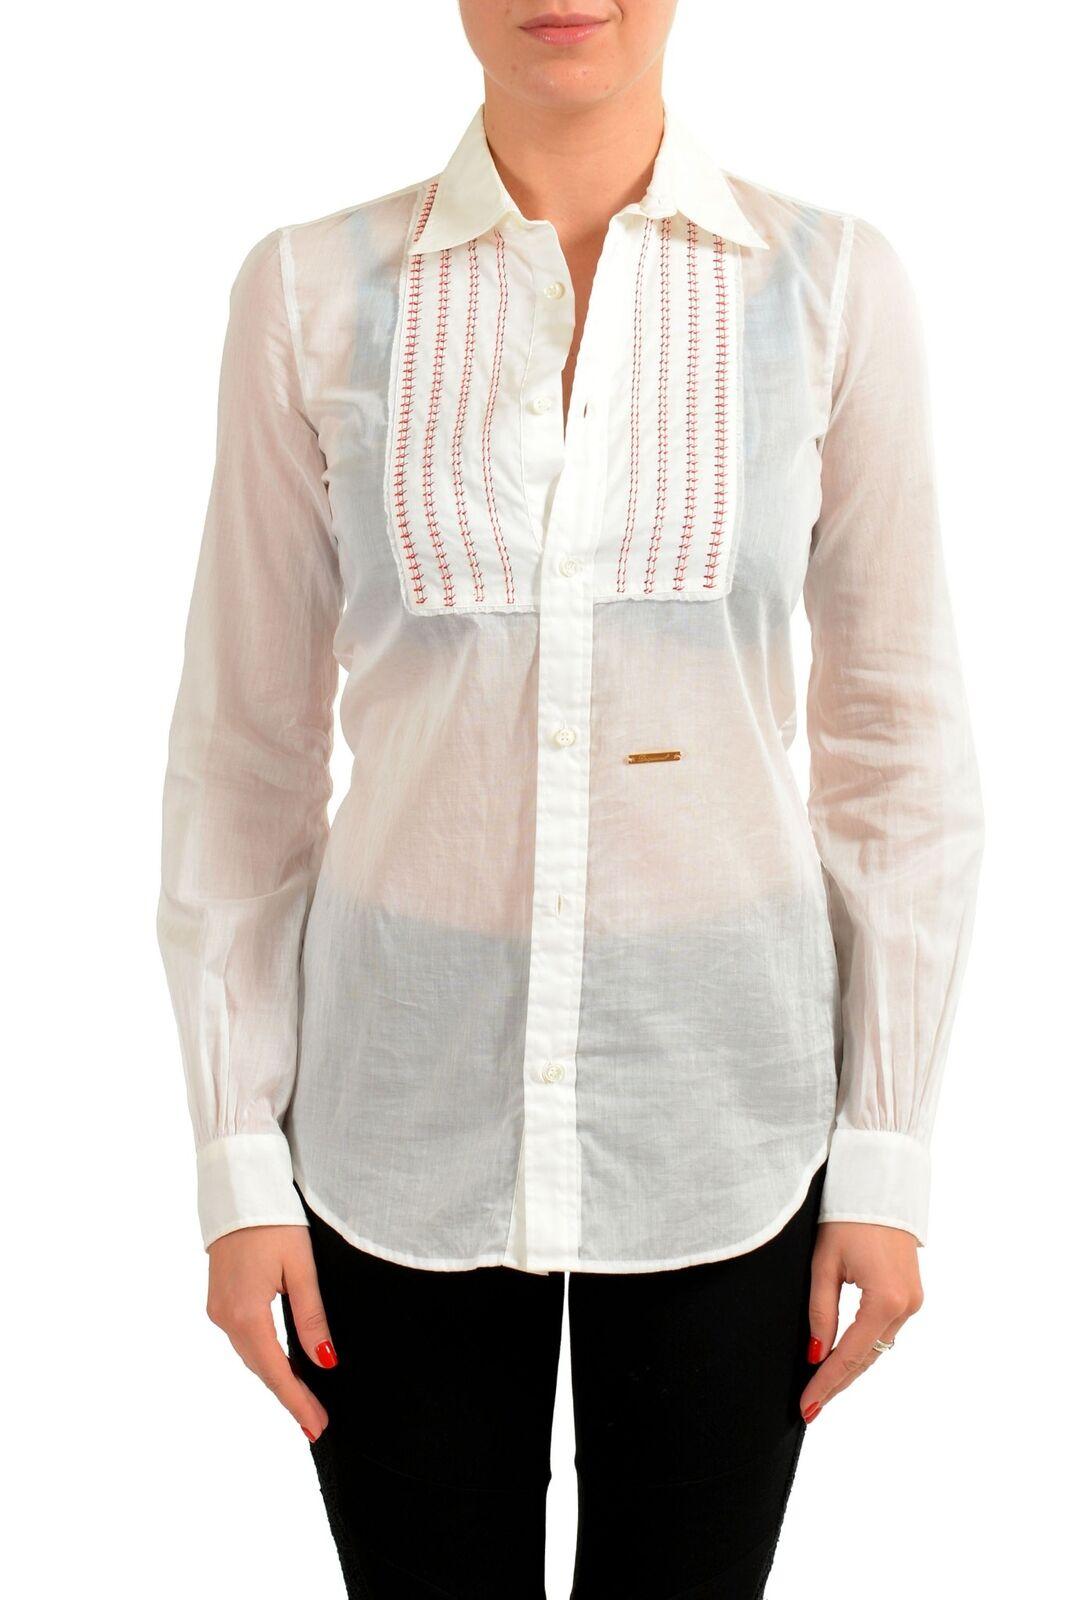 Dsquarot2 Damen Weiß Designiert Knöpfe Langärmeliges Top S It 40